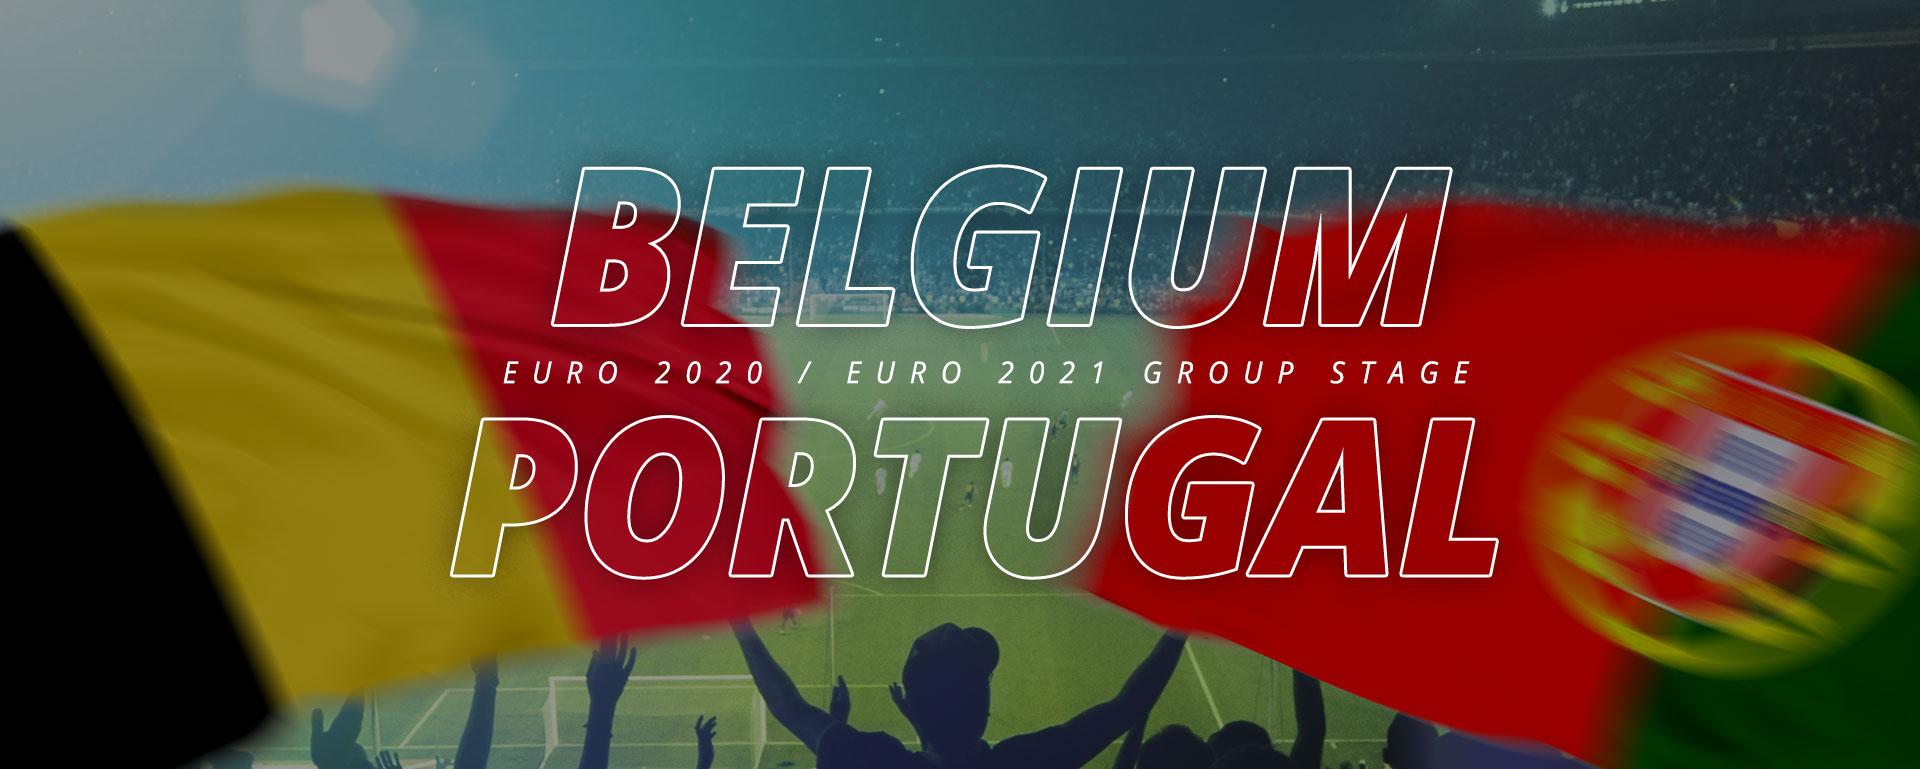 BELGIUM VS PORTUGAL: BETTING PREVIEW